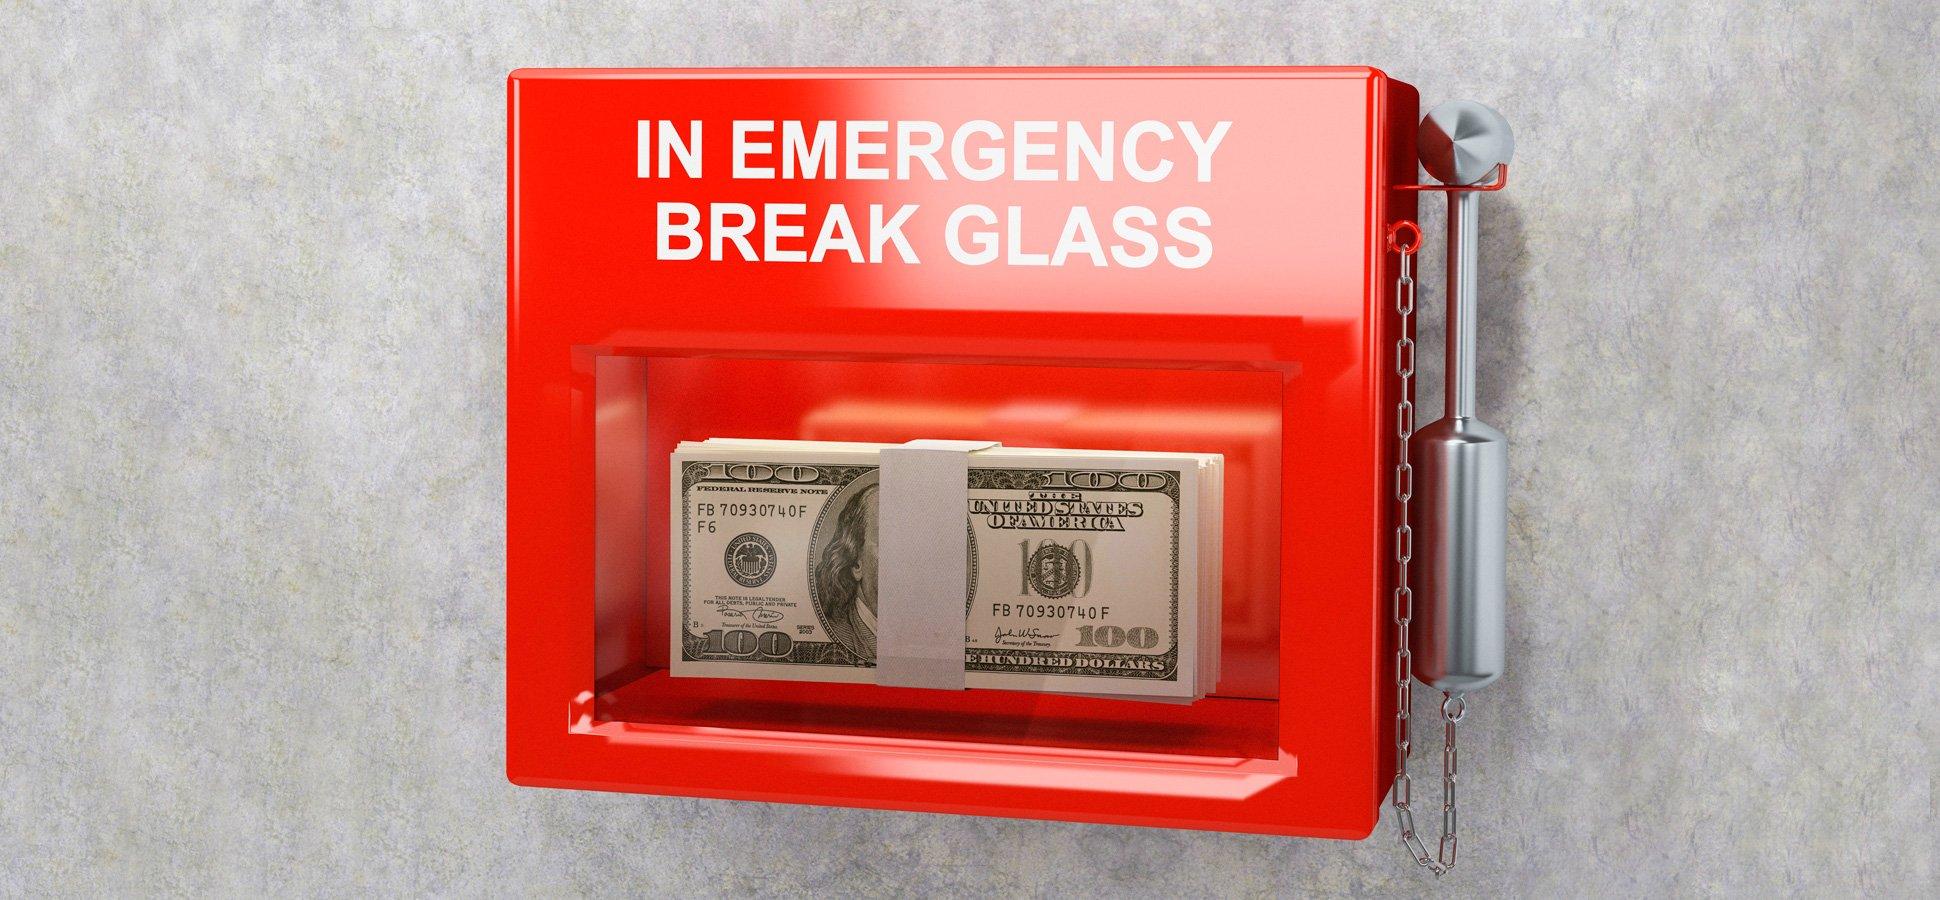 Quỹ khẩn cấp là gì và mọi thứ bạn cần biết - Ảnh 1.